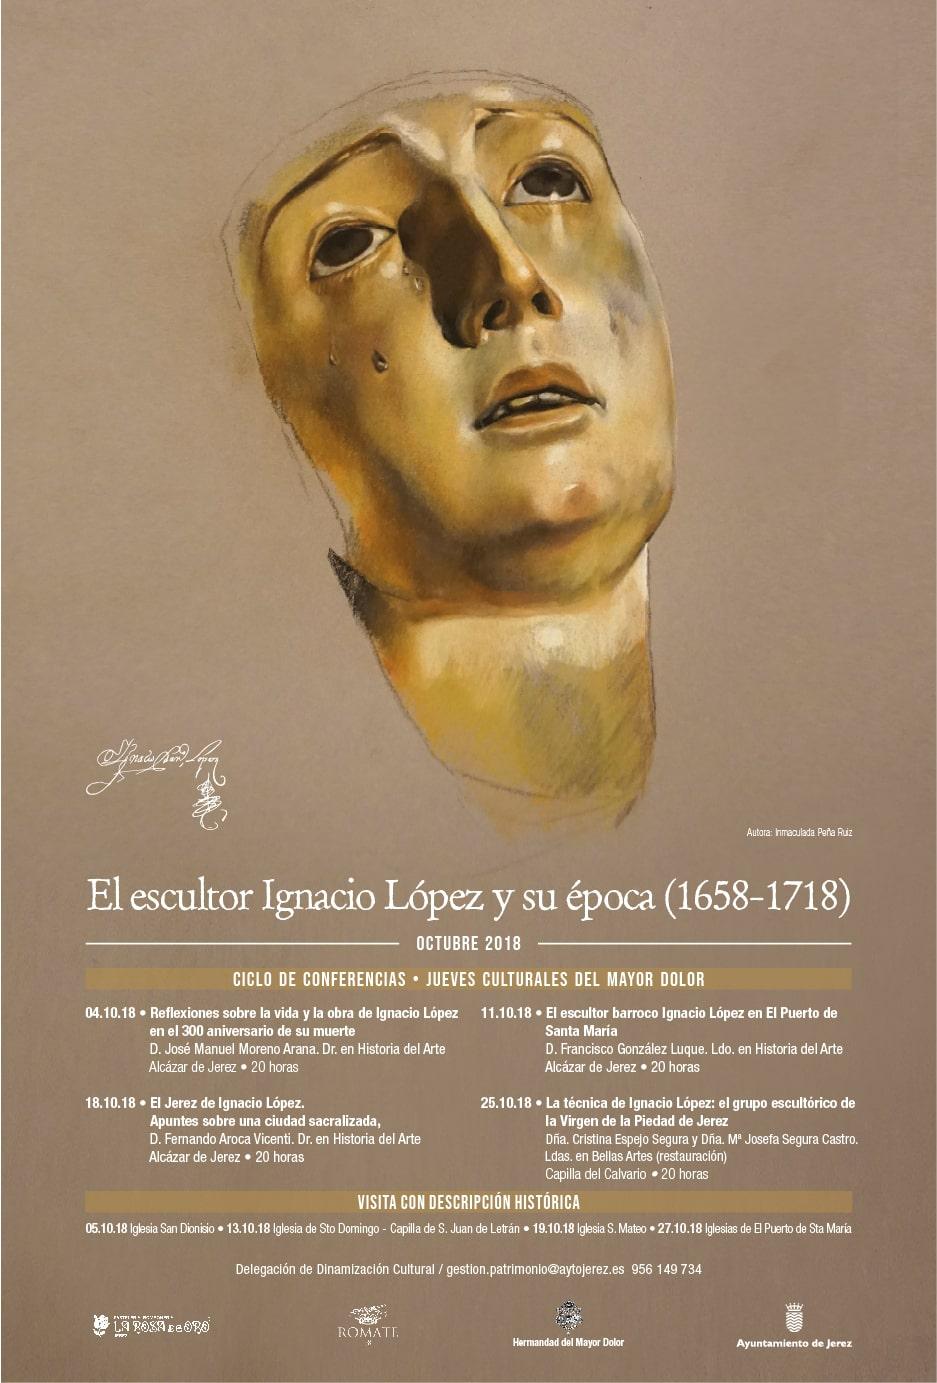 Cartel para el Ciclo de Conferencias sobre el escultor Ignacio López ilustrado por la Artista Plástica Inma Peña